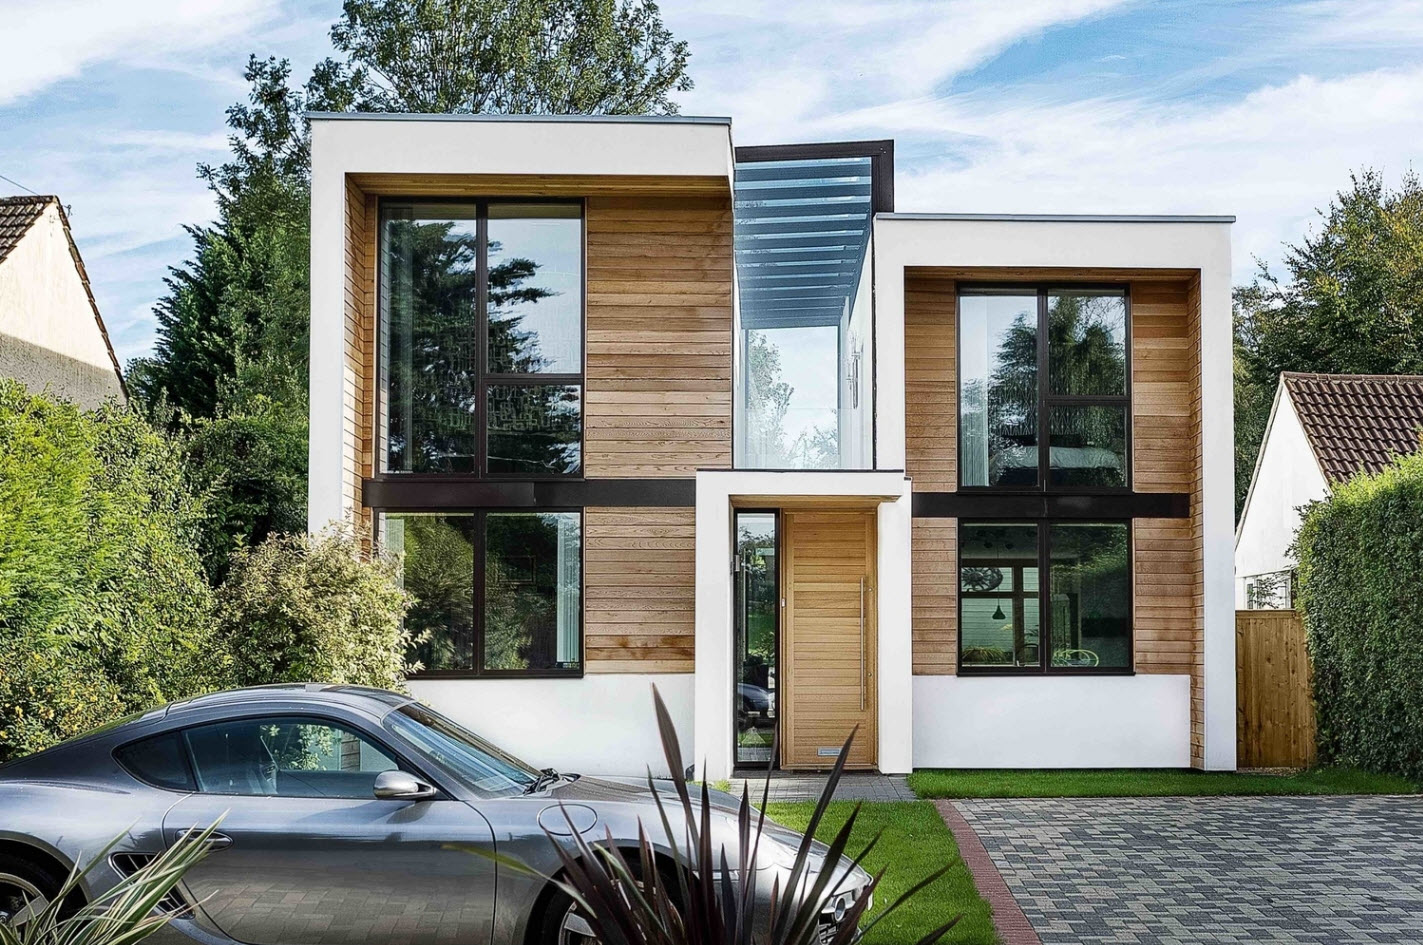 Dise o casa moderna de dos pisos construye hogar for Casas modernas planos y fachadas